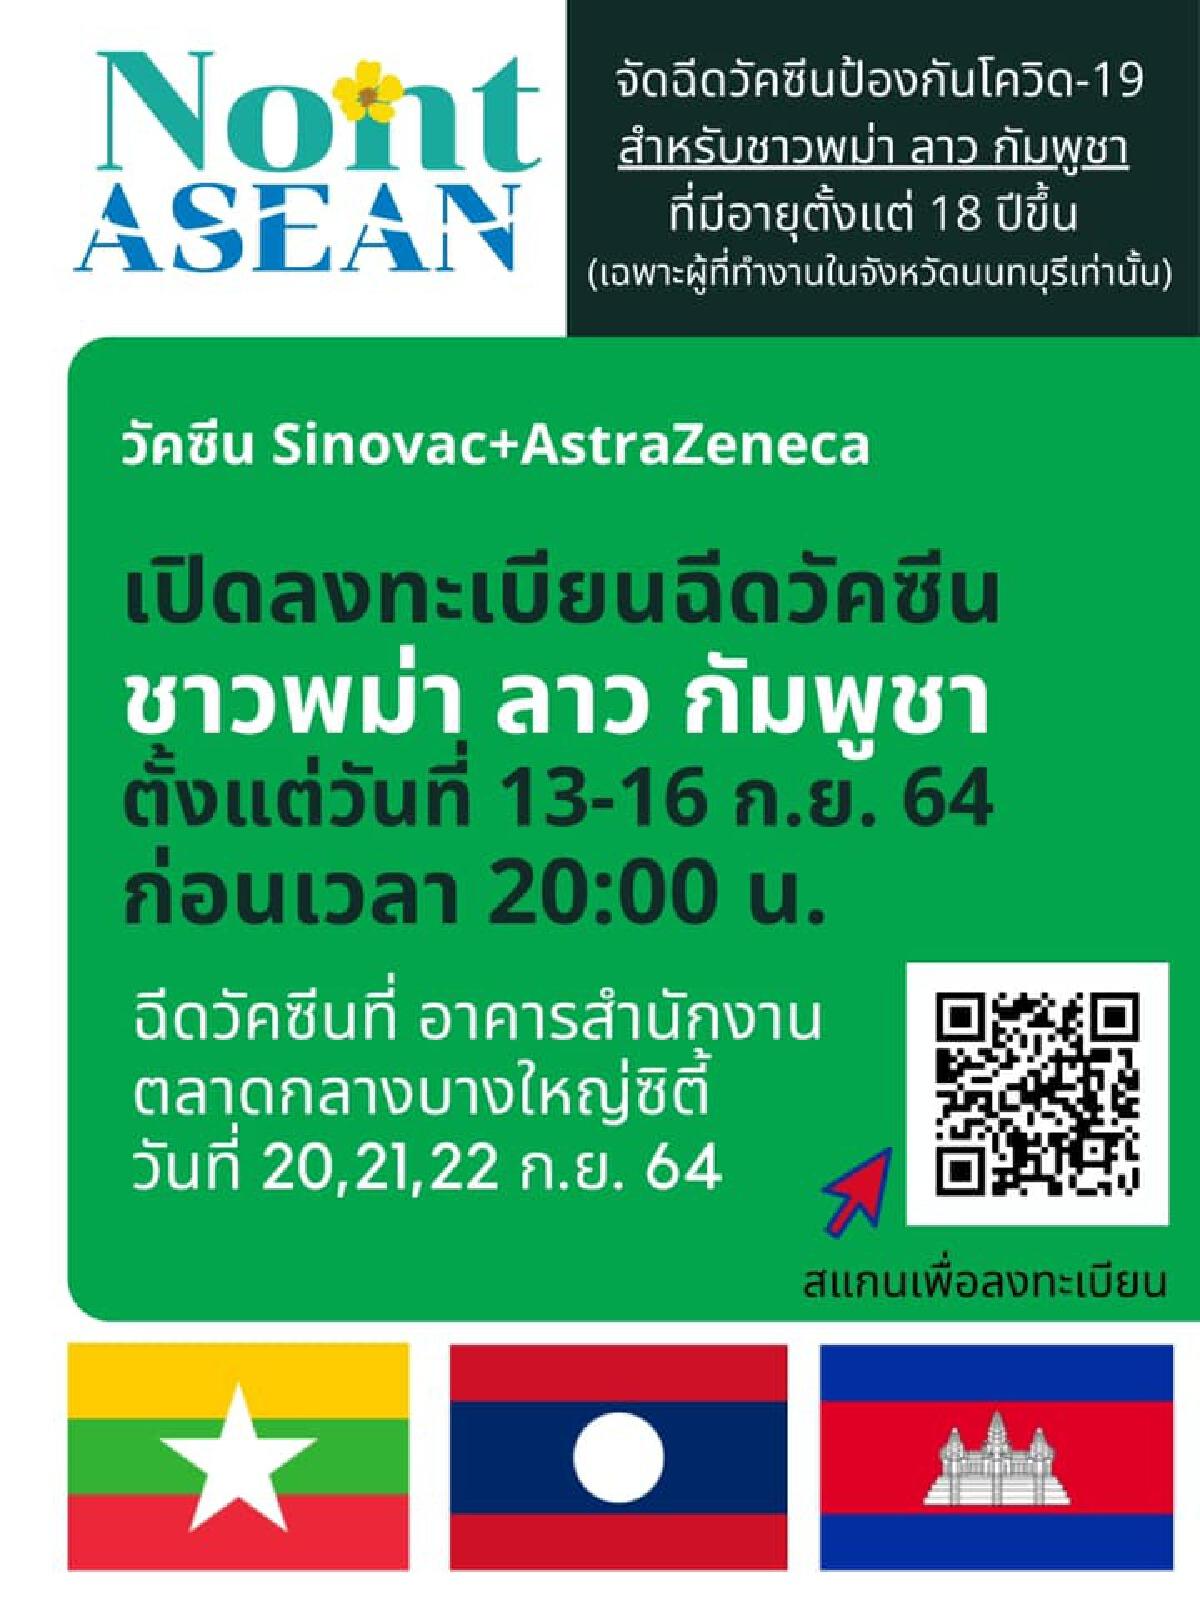 """""""ลงทะเบียนฉีดวัคซีน"""" นนท์ ASEAN ให้ชาวเมียนมาร์,ลาว,กัมพูชา ฉีดวัคซีน ฟรี"""